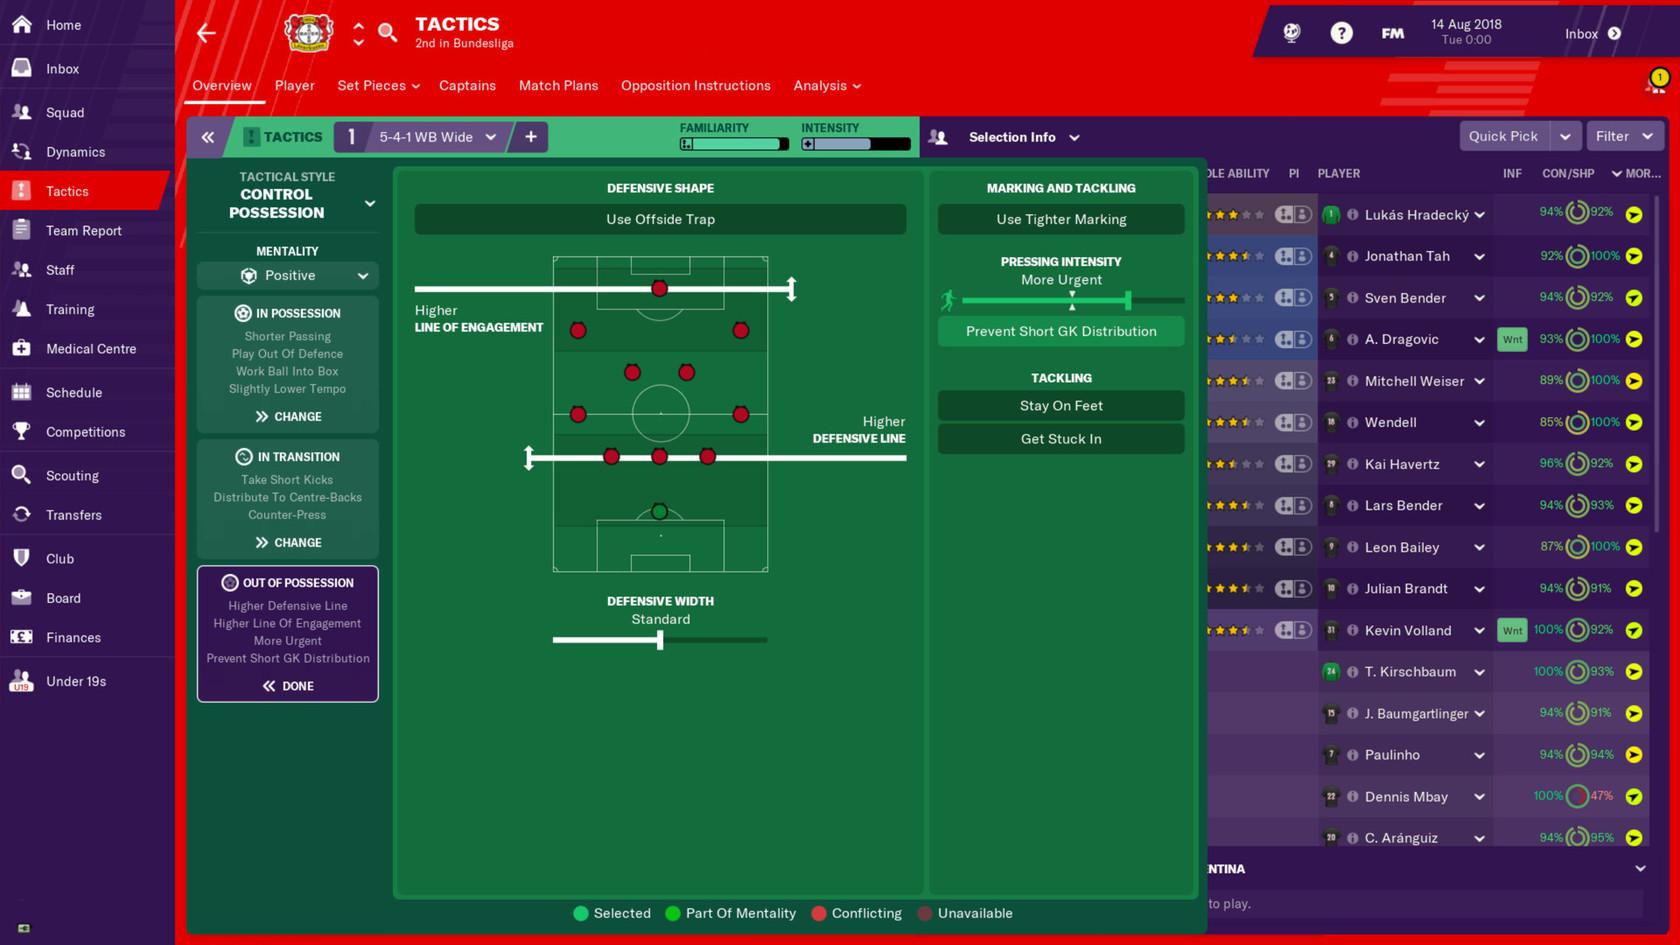 Football Manager 2019 | macgamestore.com